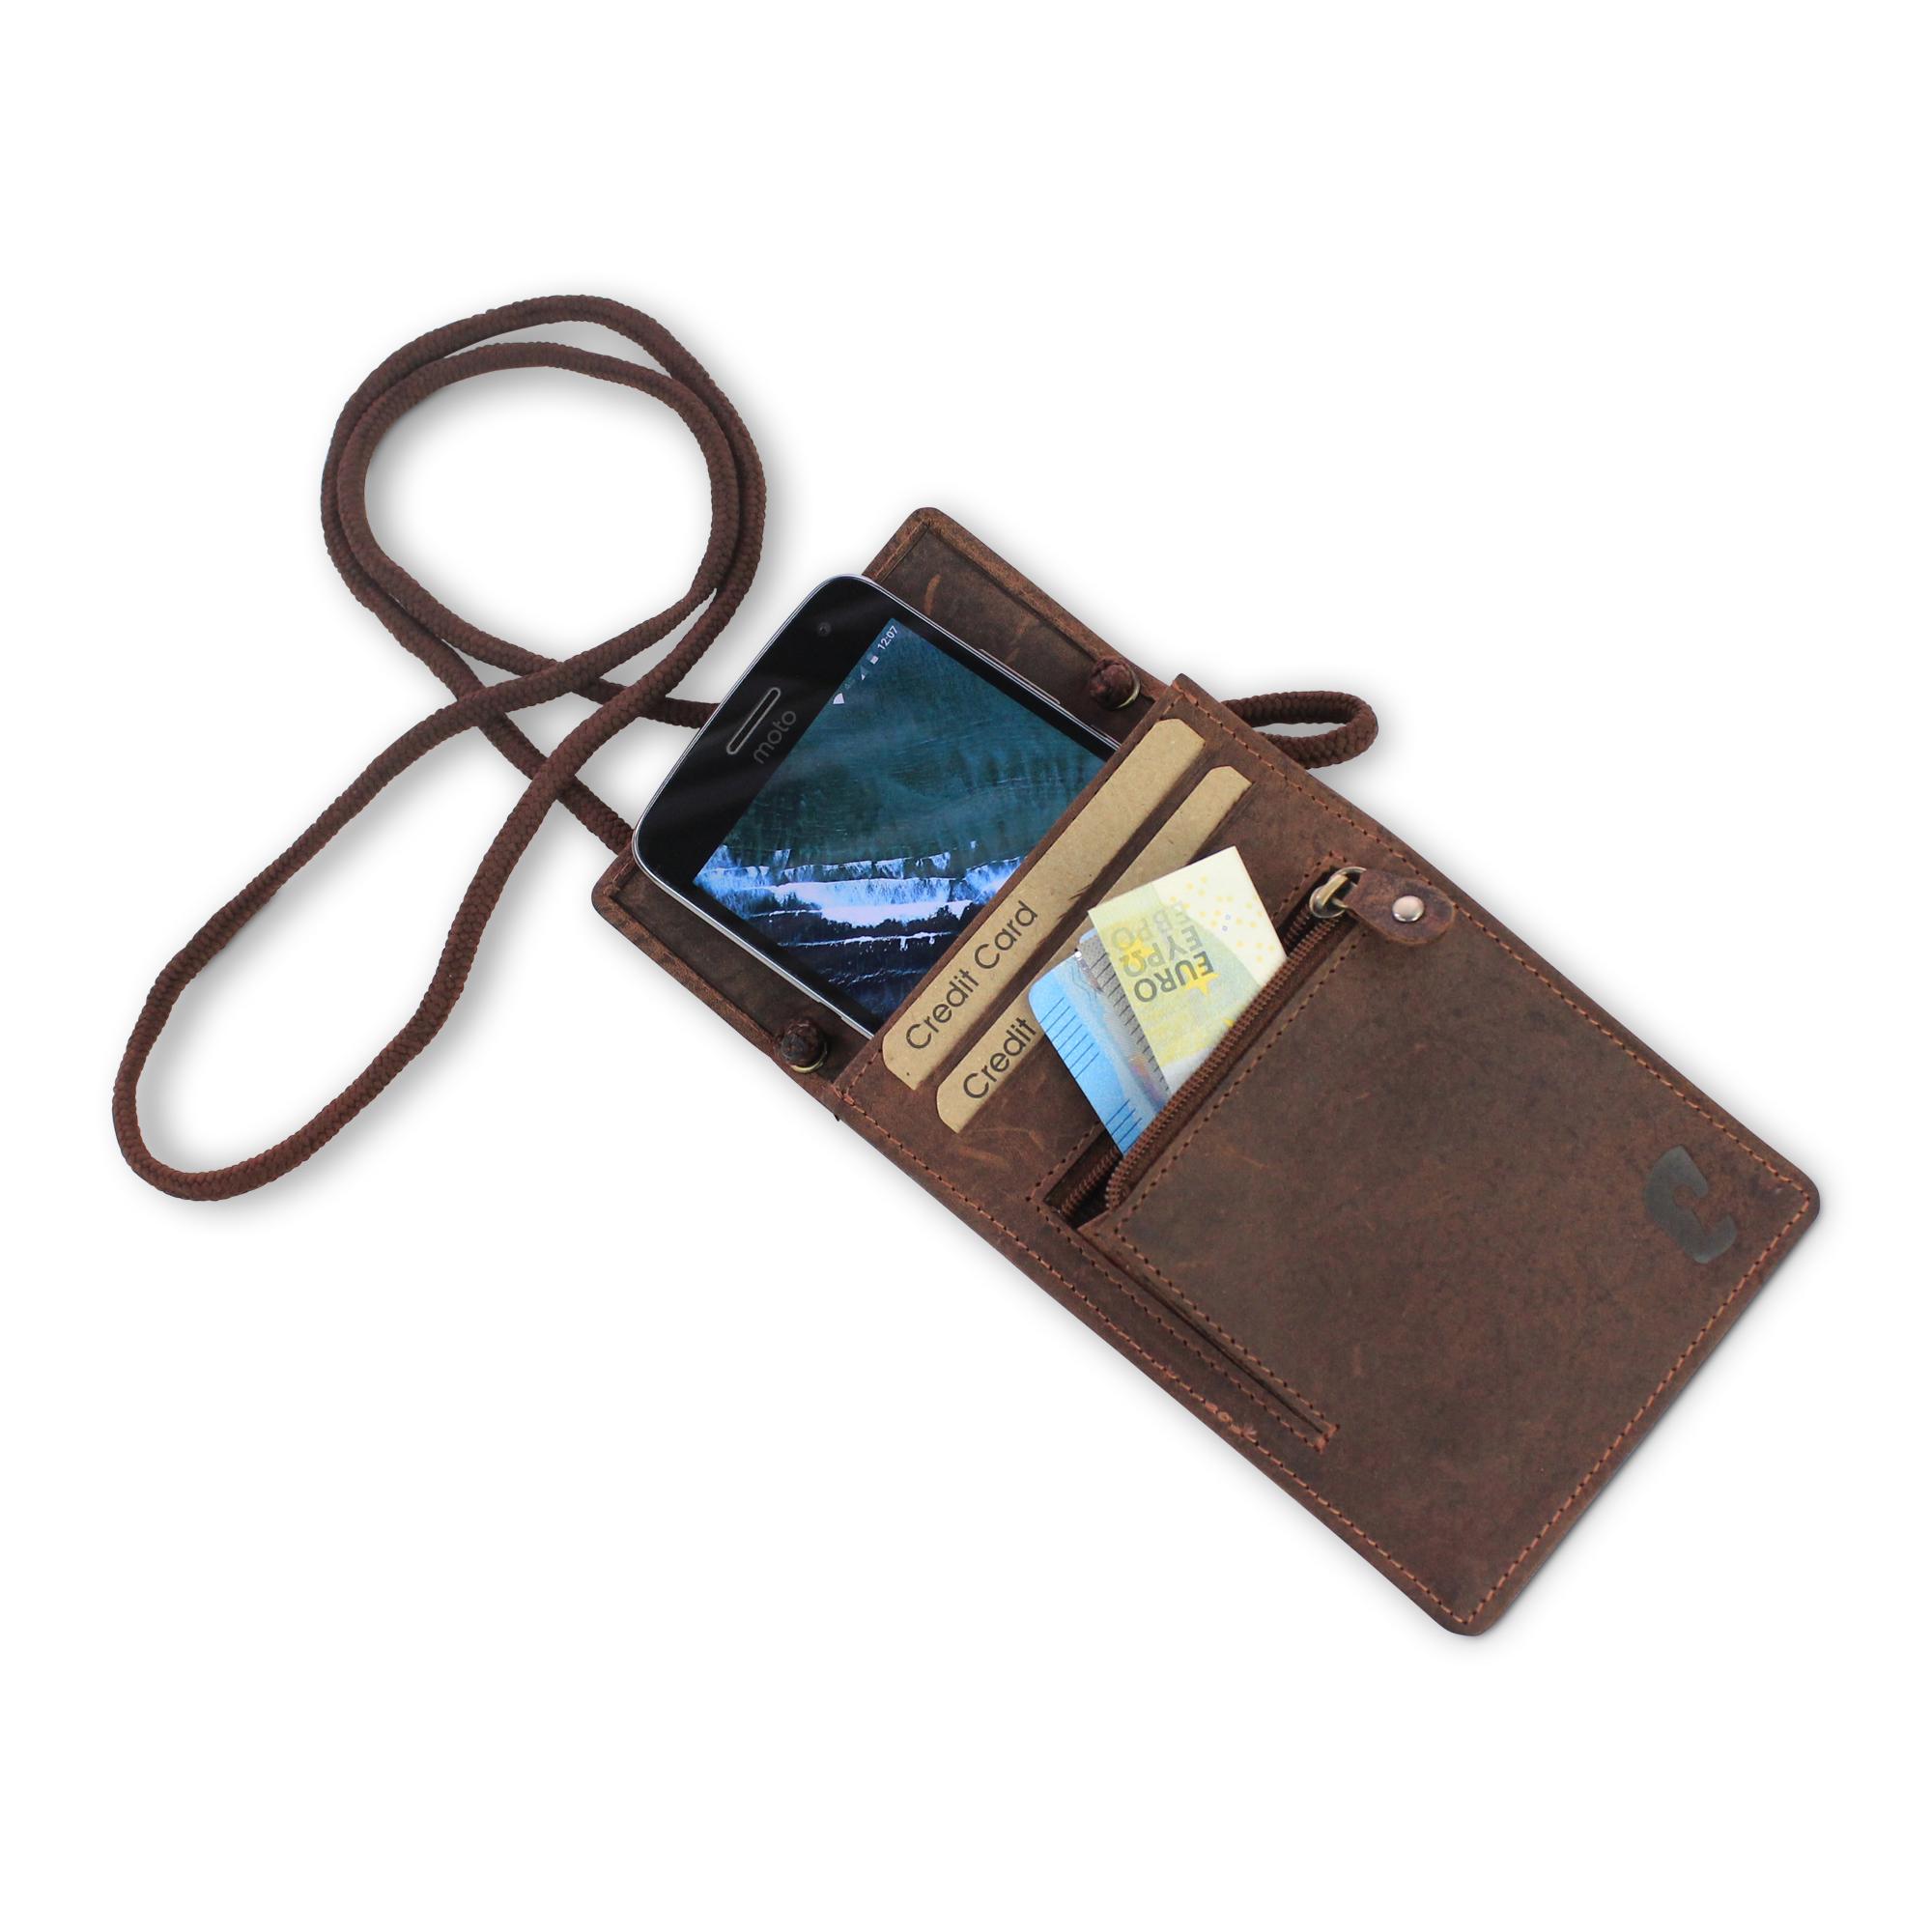 cf9e4a5b3ae 10 st. Leren XL Paspoort Nektasje / Reistasje voor Iphone 8 RFID ...